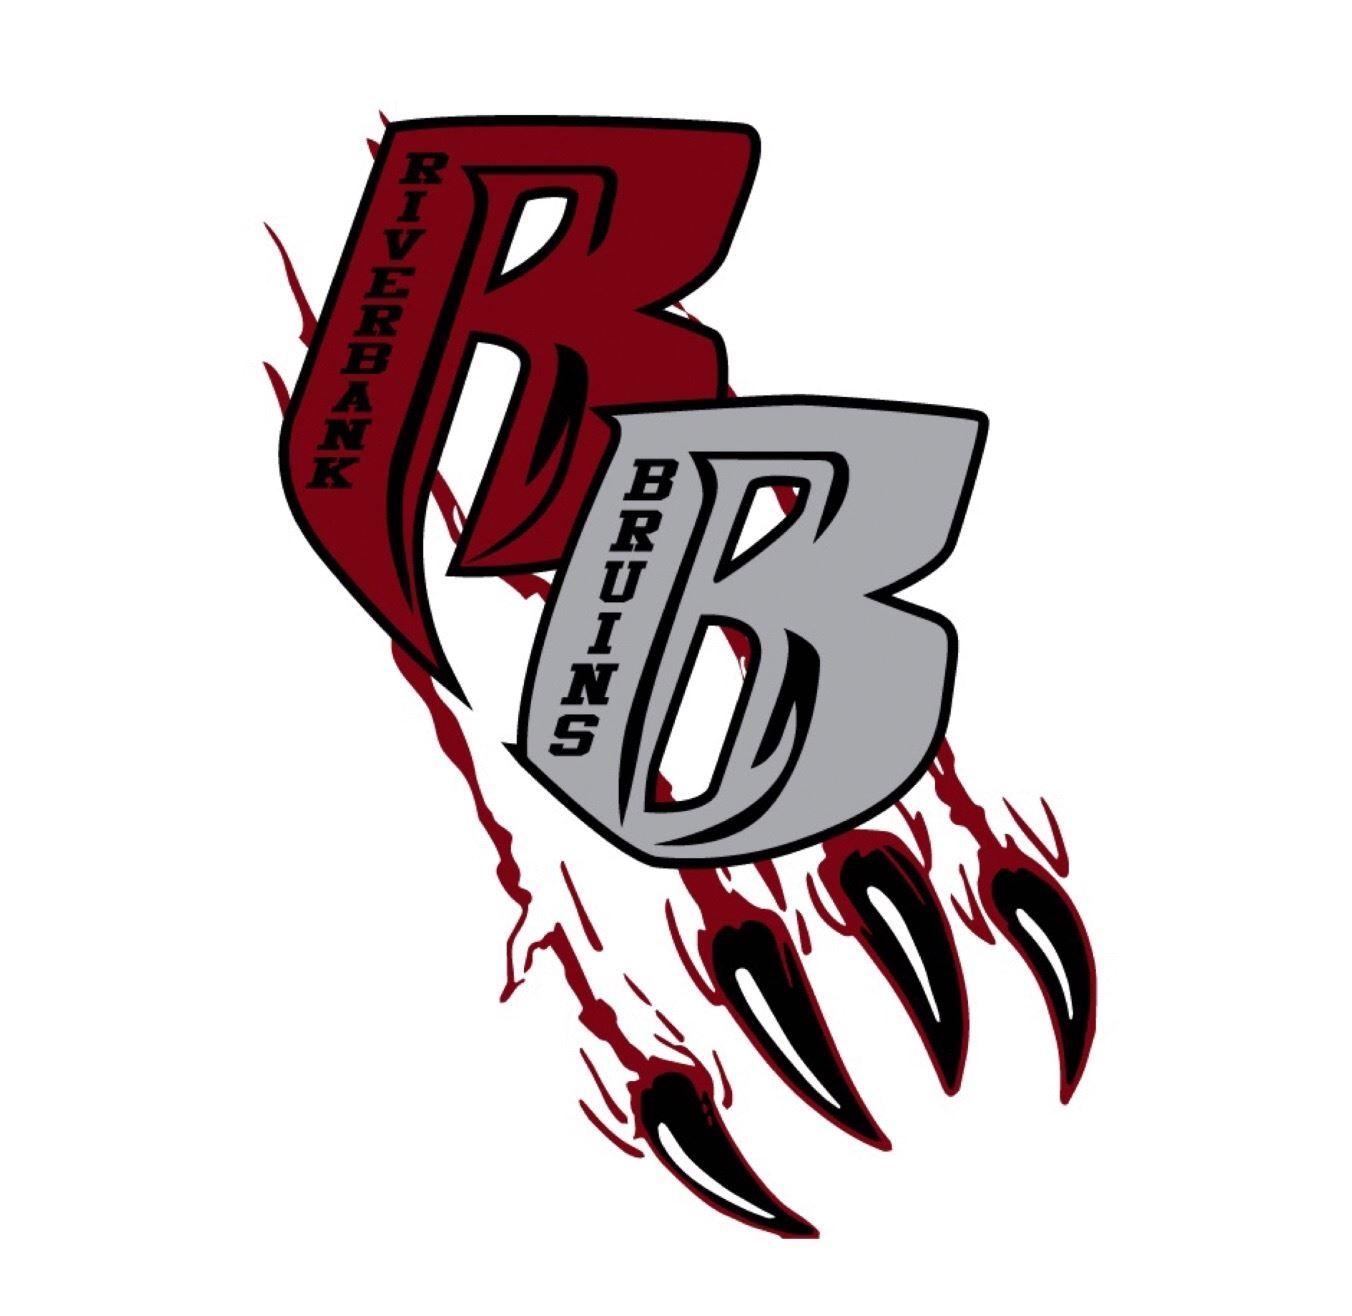 Riverbank Bruins